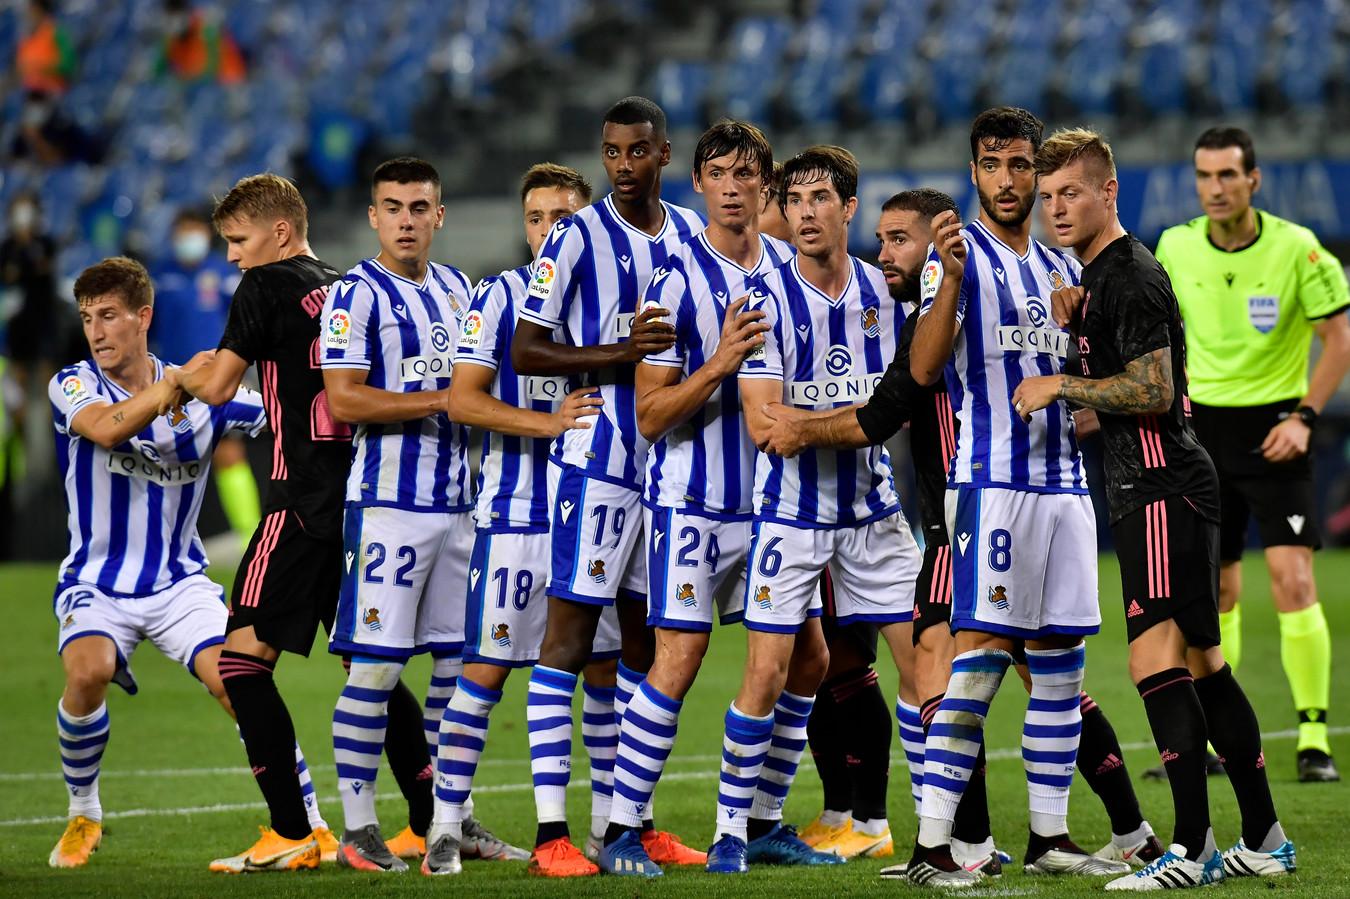 De spelers van Real Sociedad in een 'treintje' voor een hoekschop.